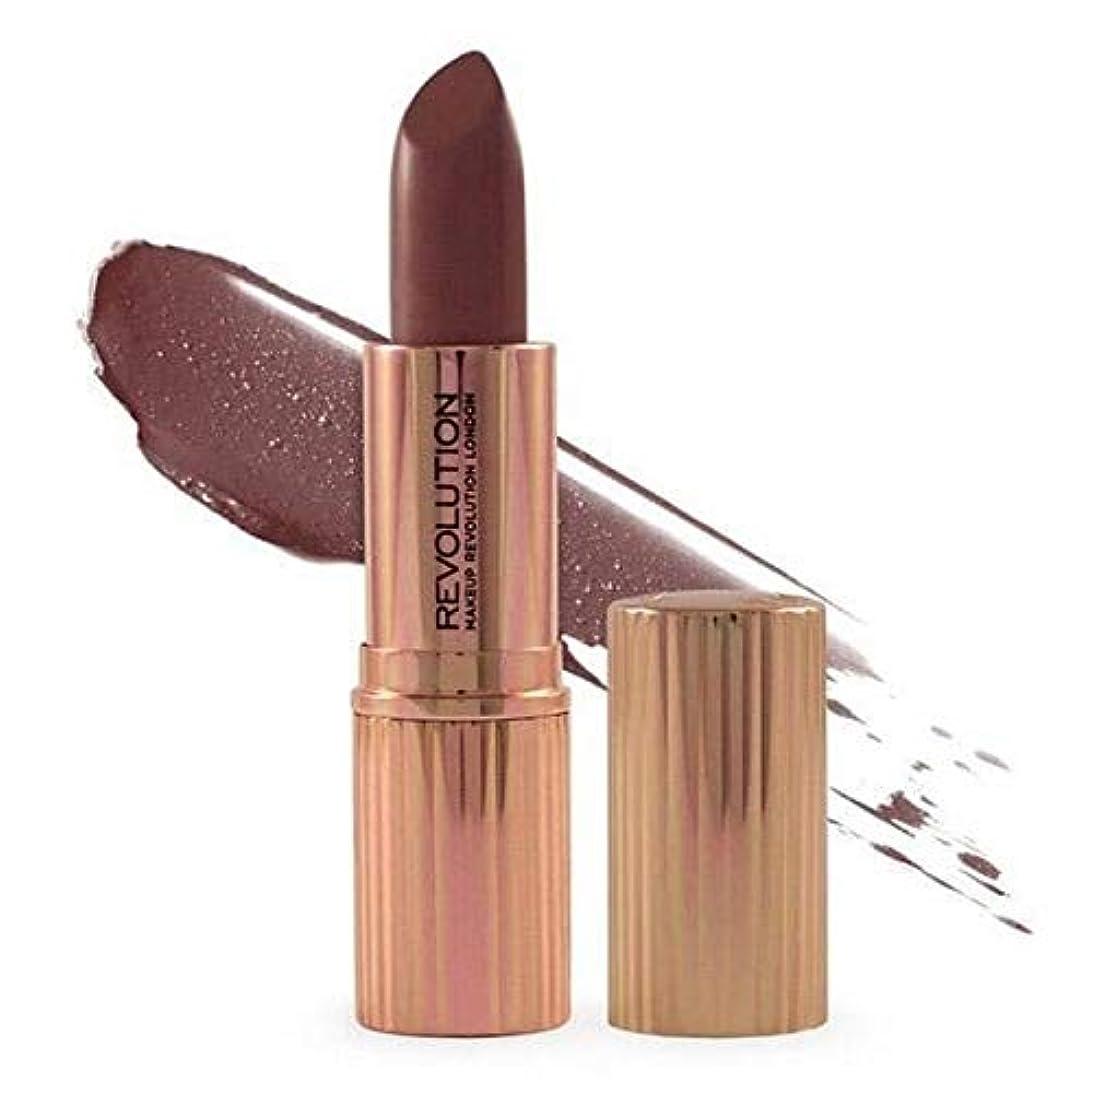 重要な役割を果たす、中心的な手段となる重要な役割を果たす、中心的な手段となる我慢する[Revolution ] 革命ルネサンス口紅プライム - Revolution Renaissance Lipstick Prime [並行輸入品]